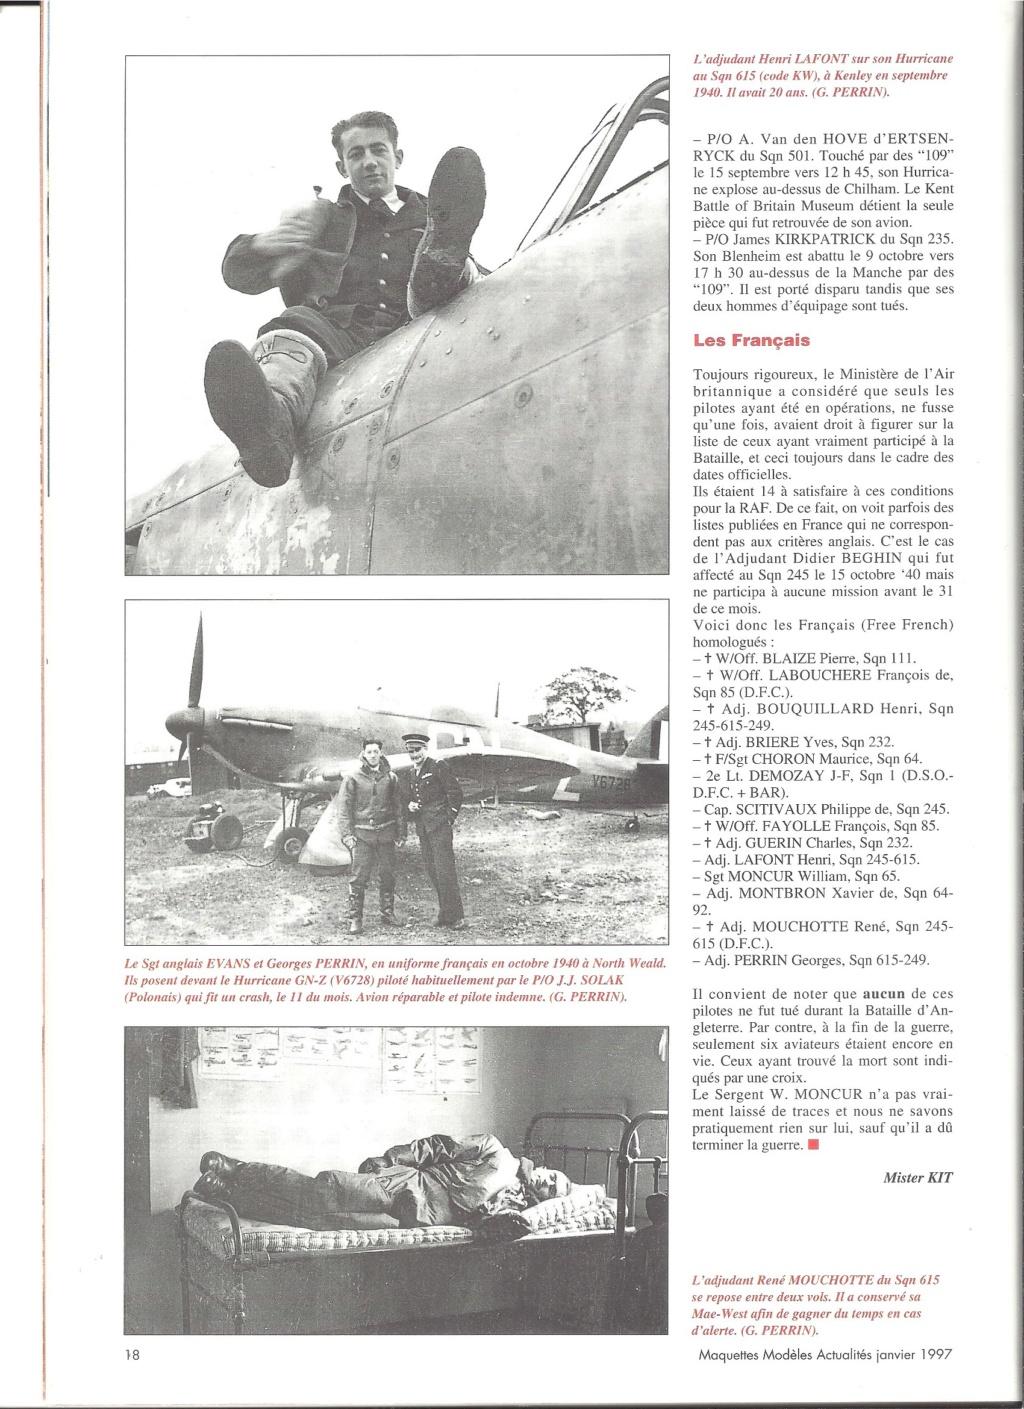 Rubrique hommage  à Mister KIT - Page 19 Numzo493